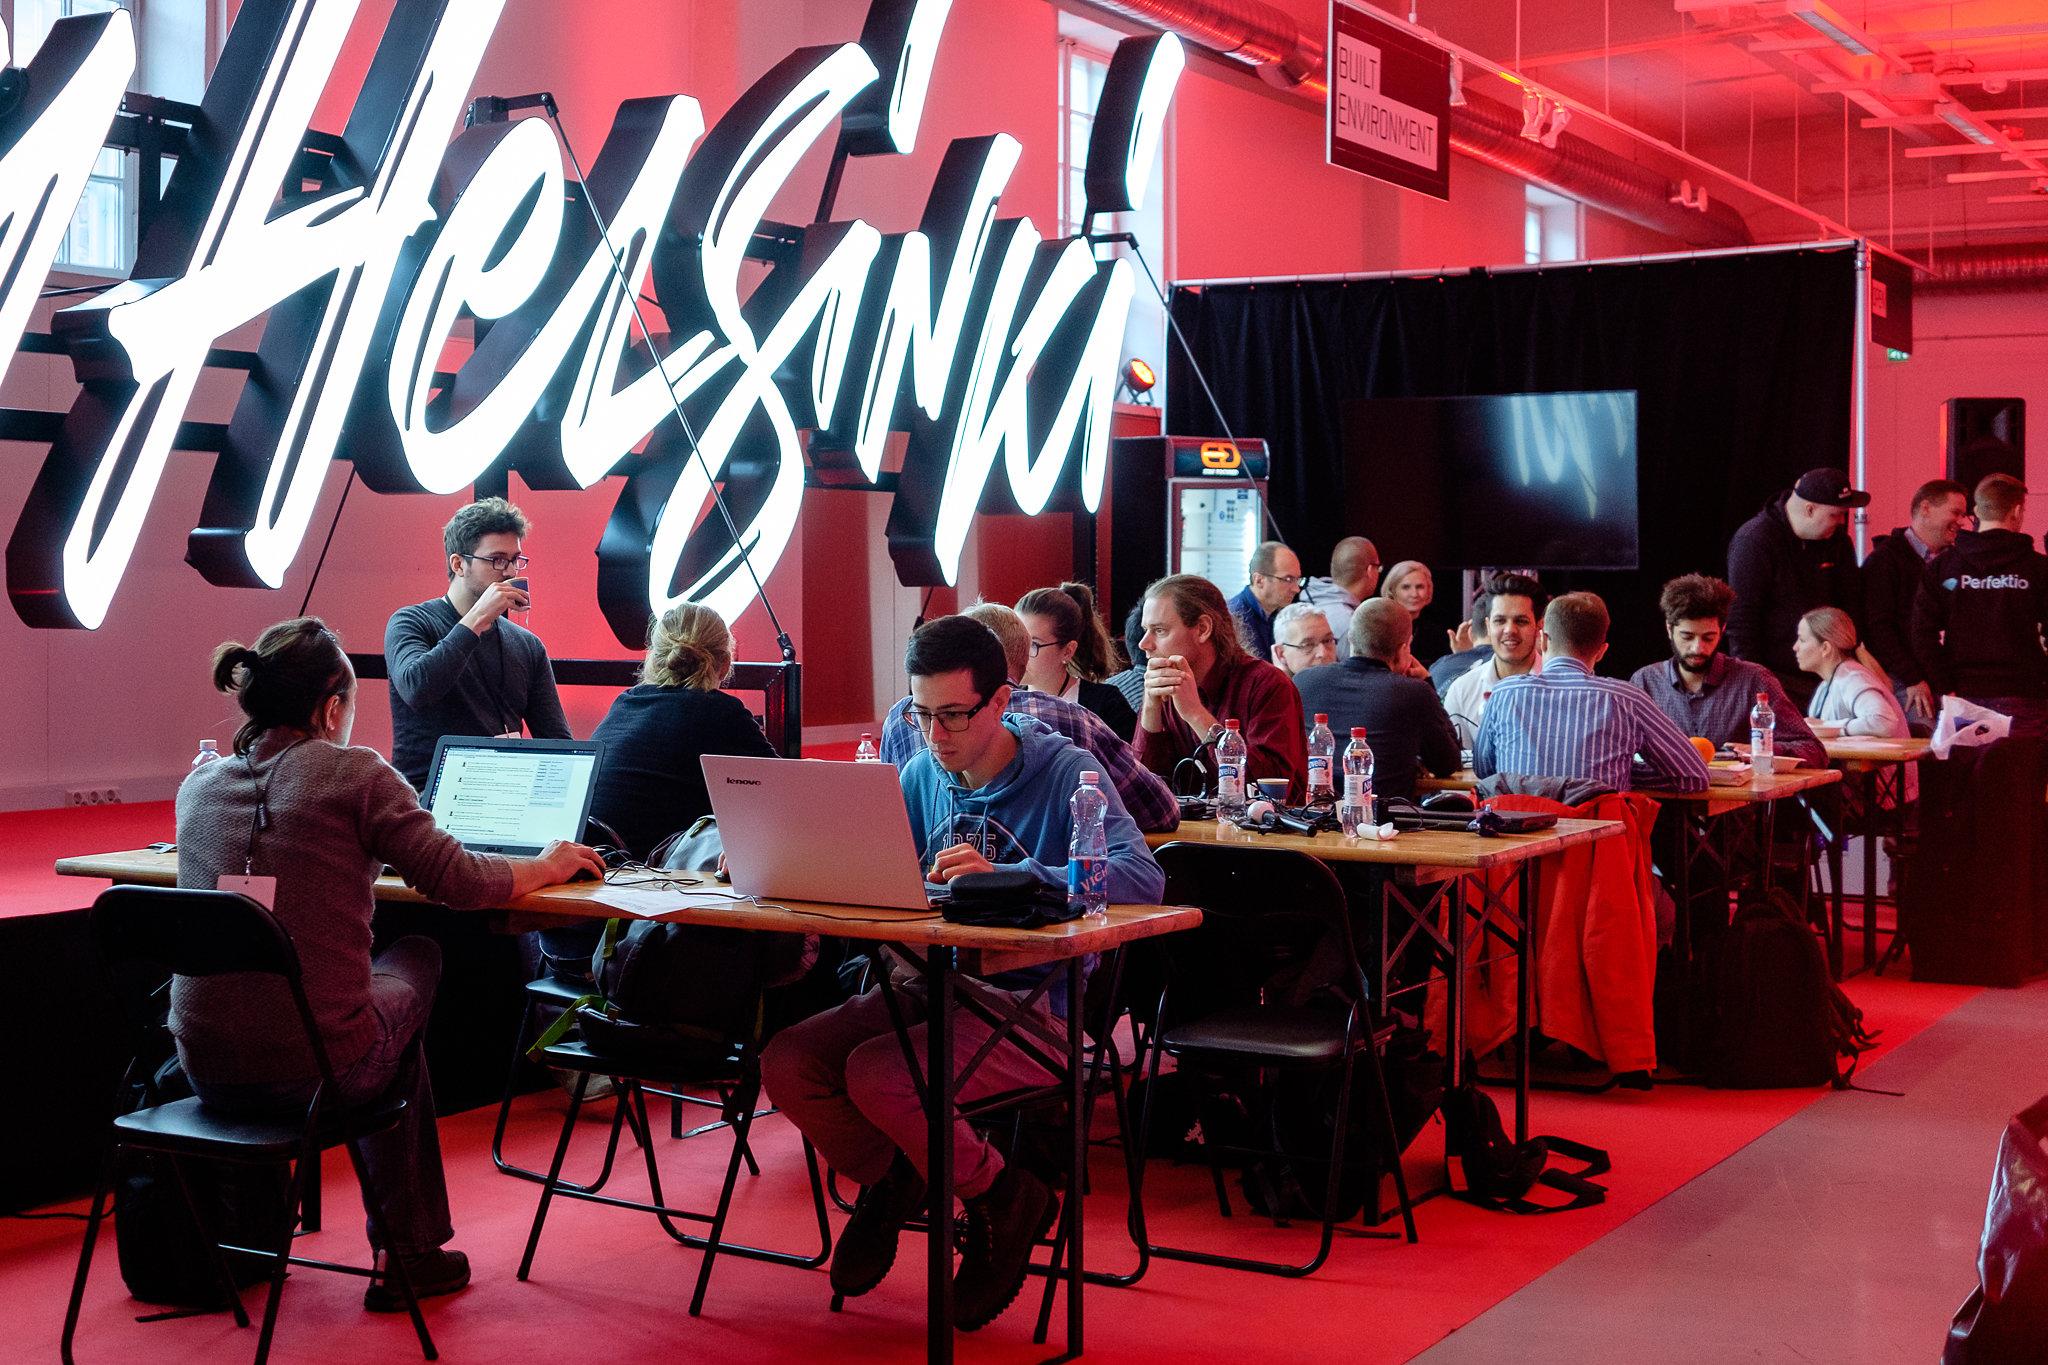 Sovelluskehittäjiä tietokoneidensa äärellä hackathon-tapahtumassa.